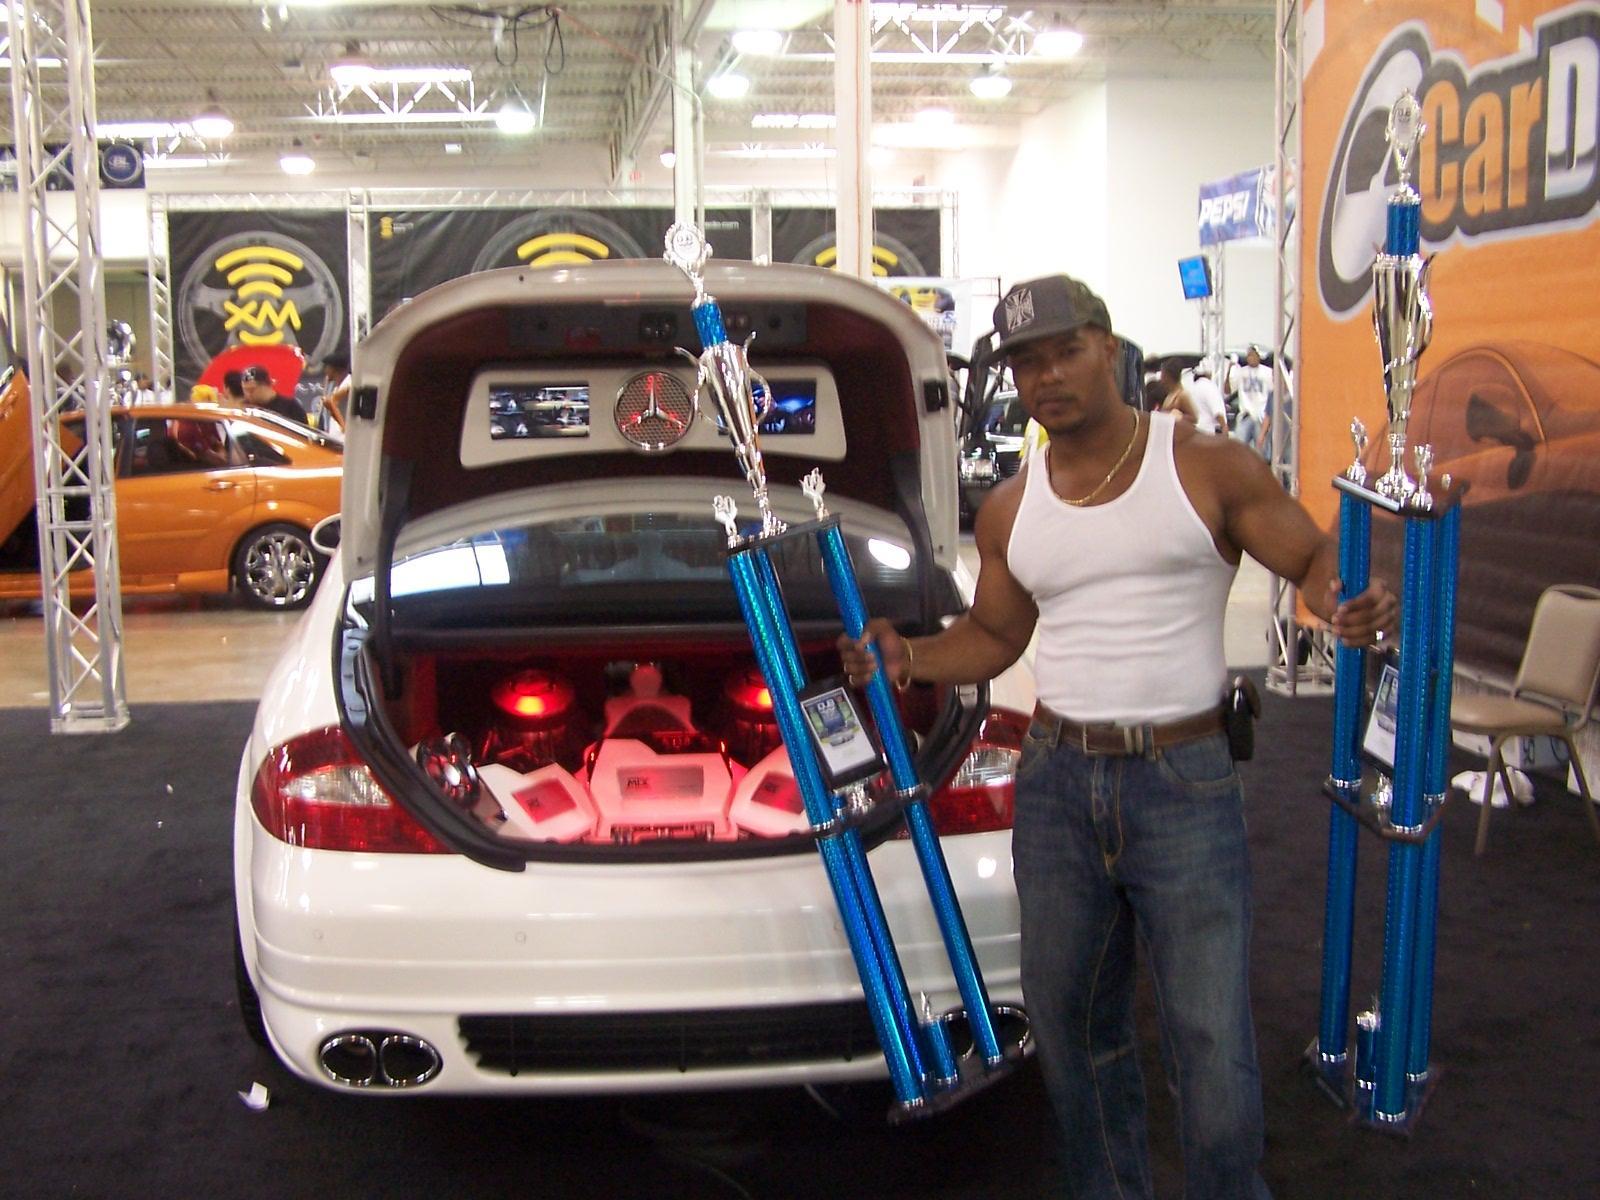 2006 Cls 500 >> Dub Car Show And Concert Pics - Mercedes-Benz Forum